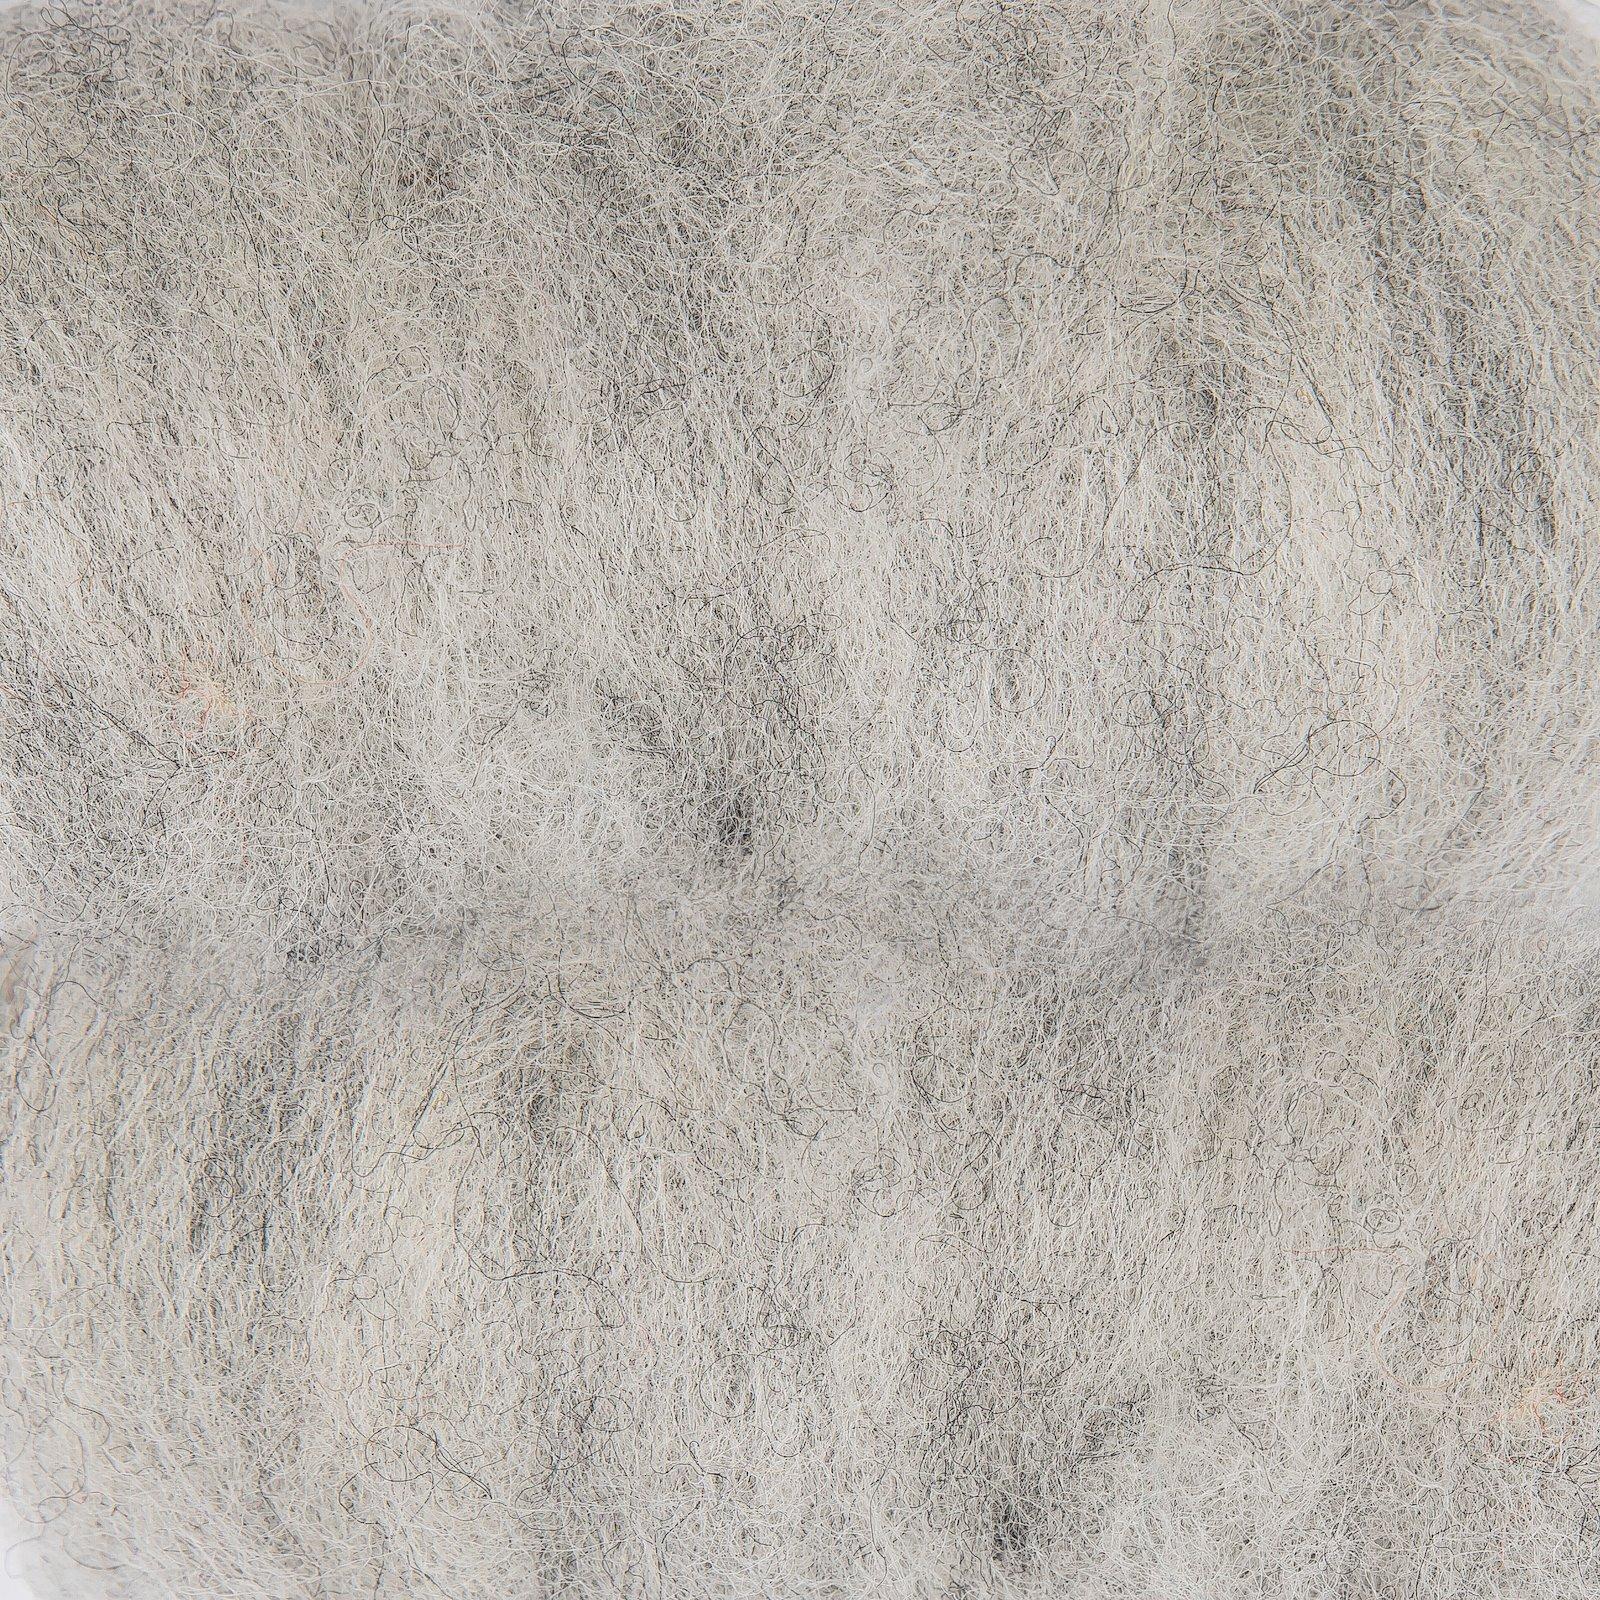 Carded wool grey 50g